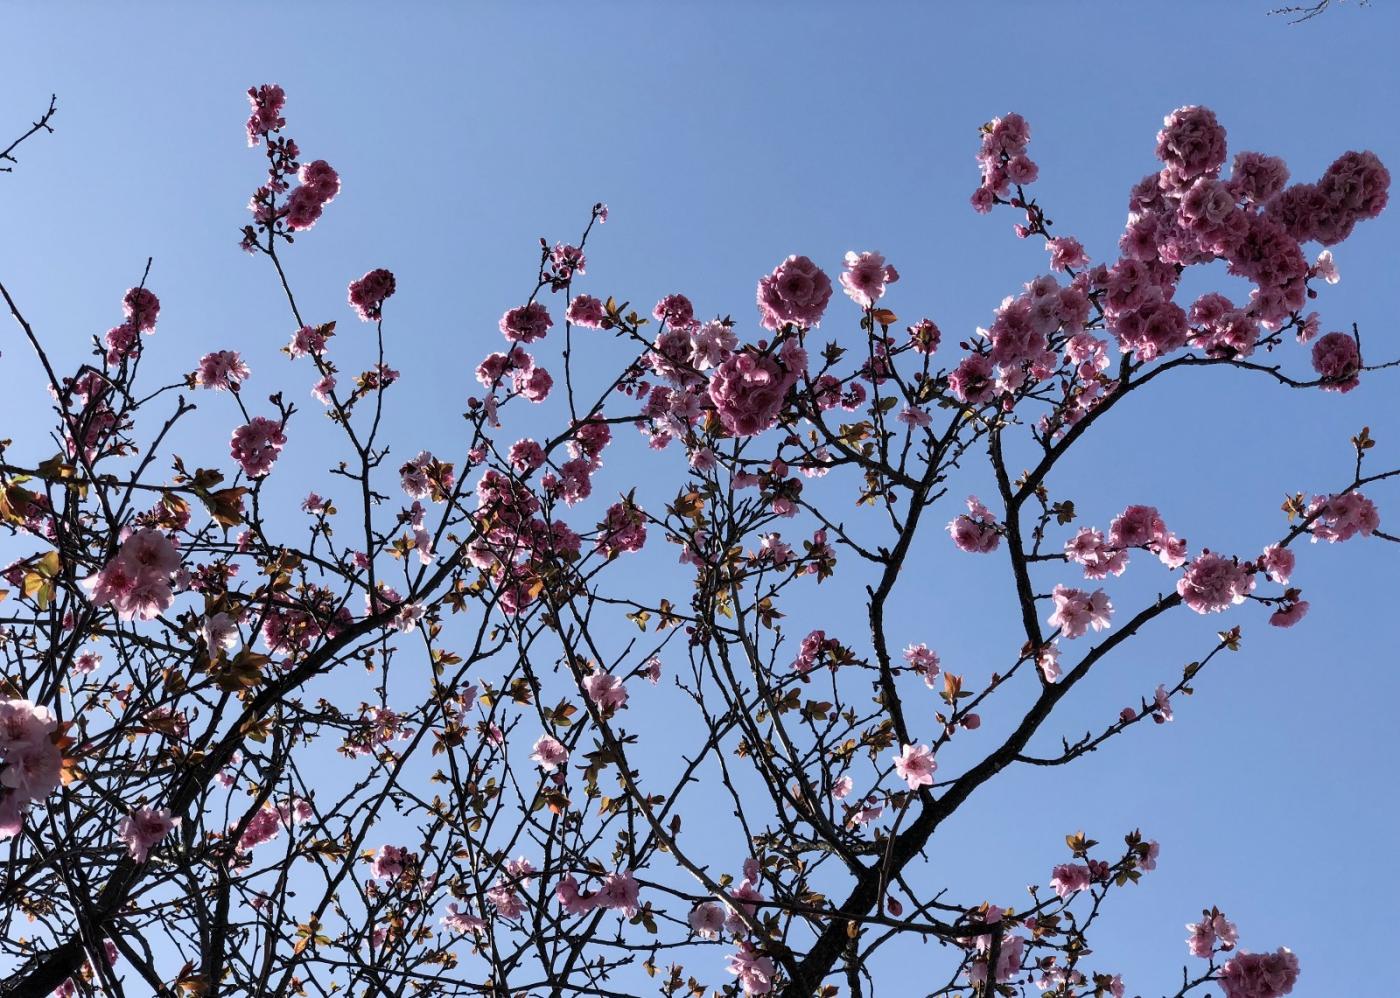 【田螺手机摄影】街口的杏花又开一年_图1-17